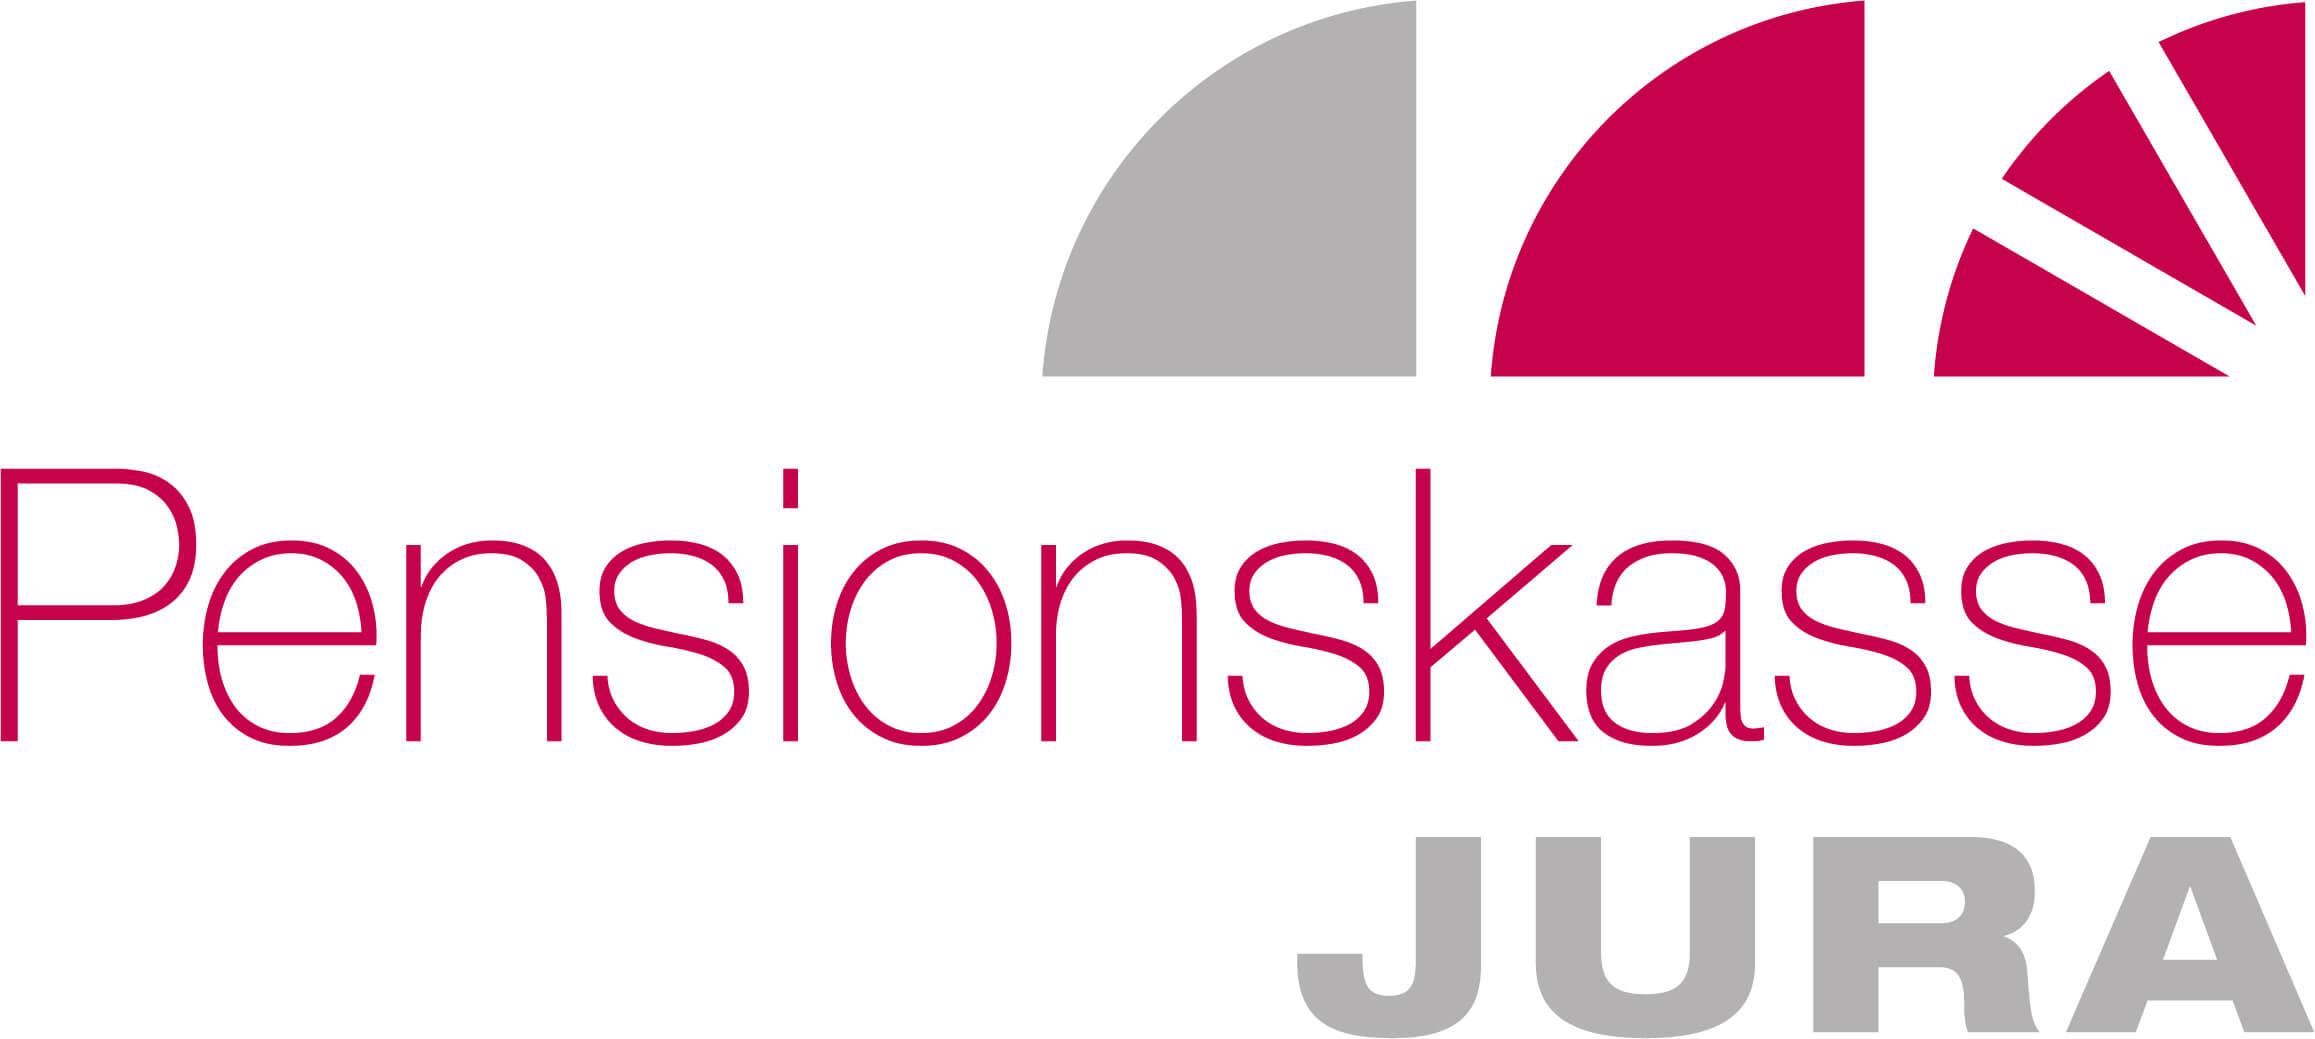 Logo des ICR Kunden Pensionskasse JURA